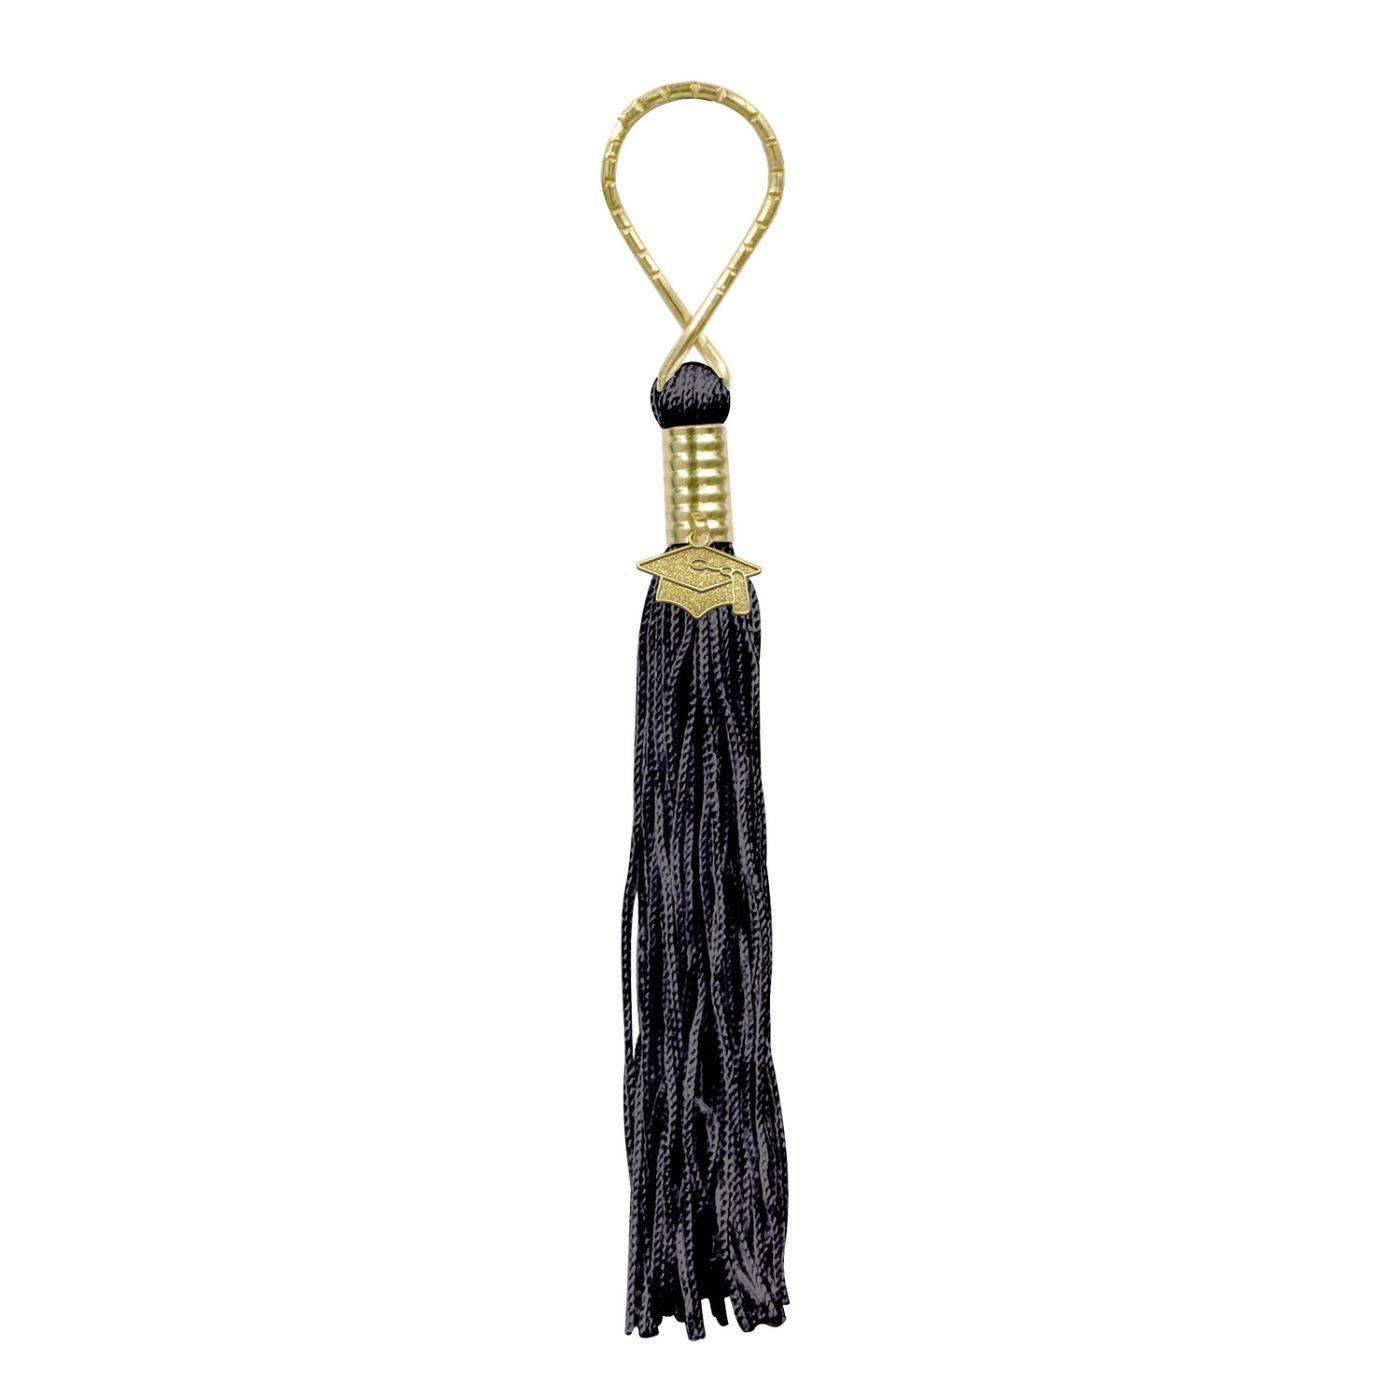 Black Tassel Keychain (6) image